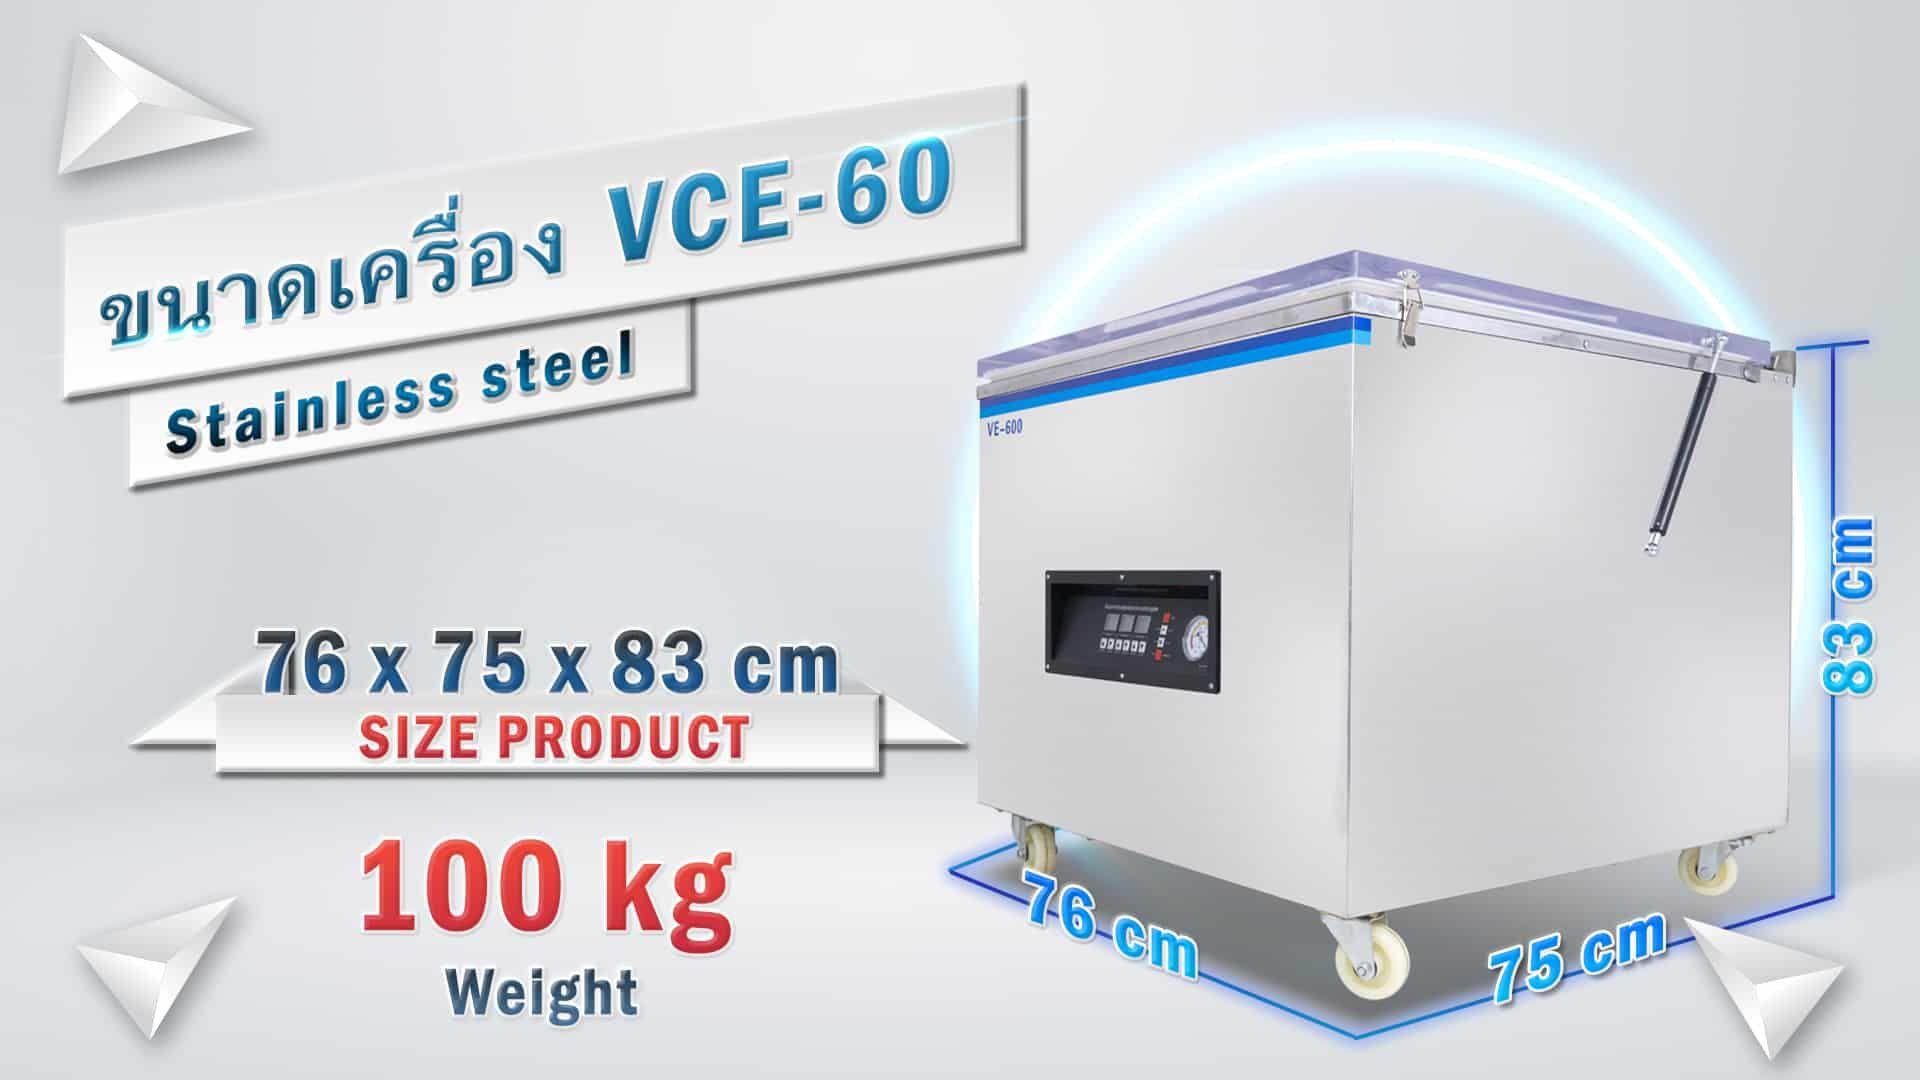 Dimension VCE